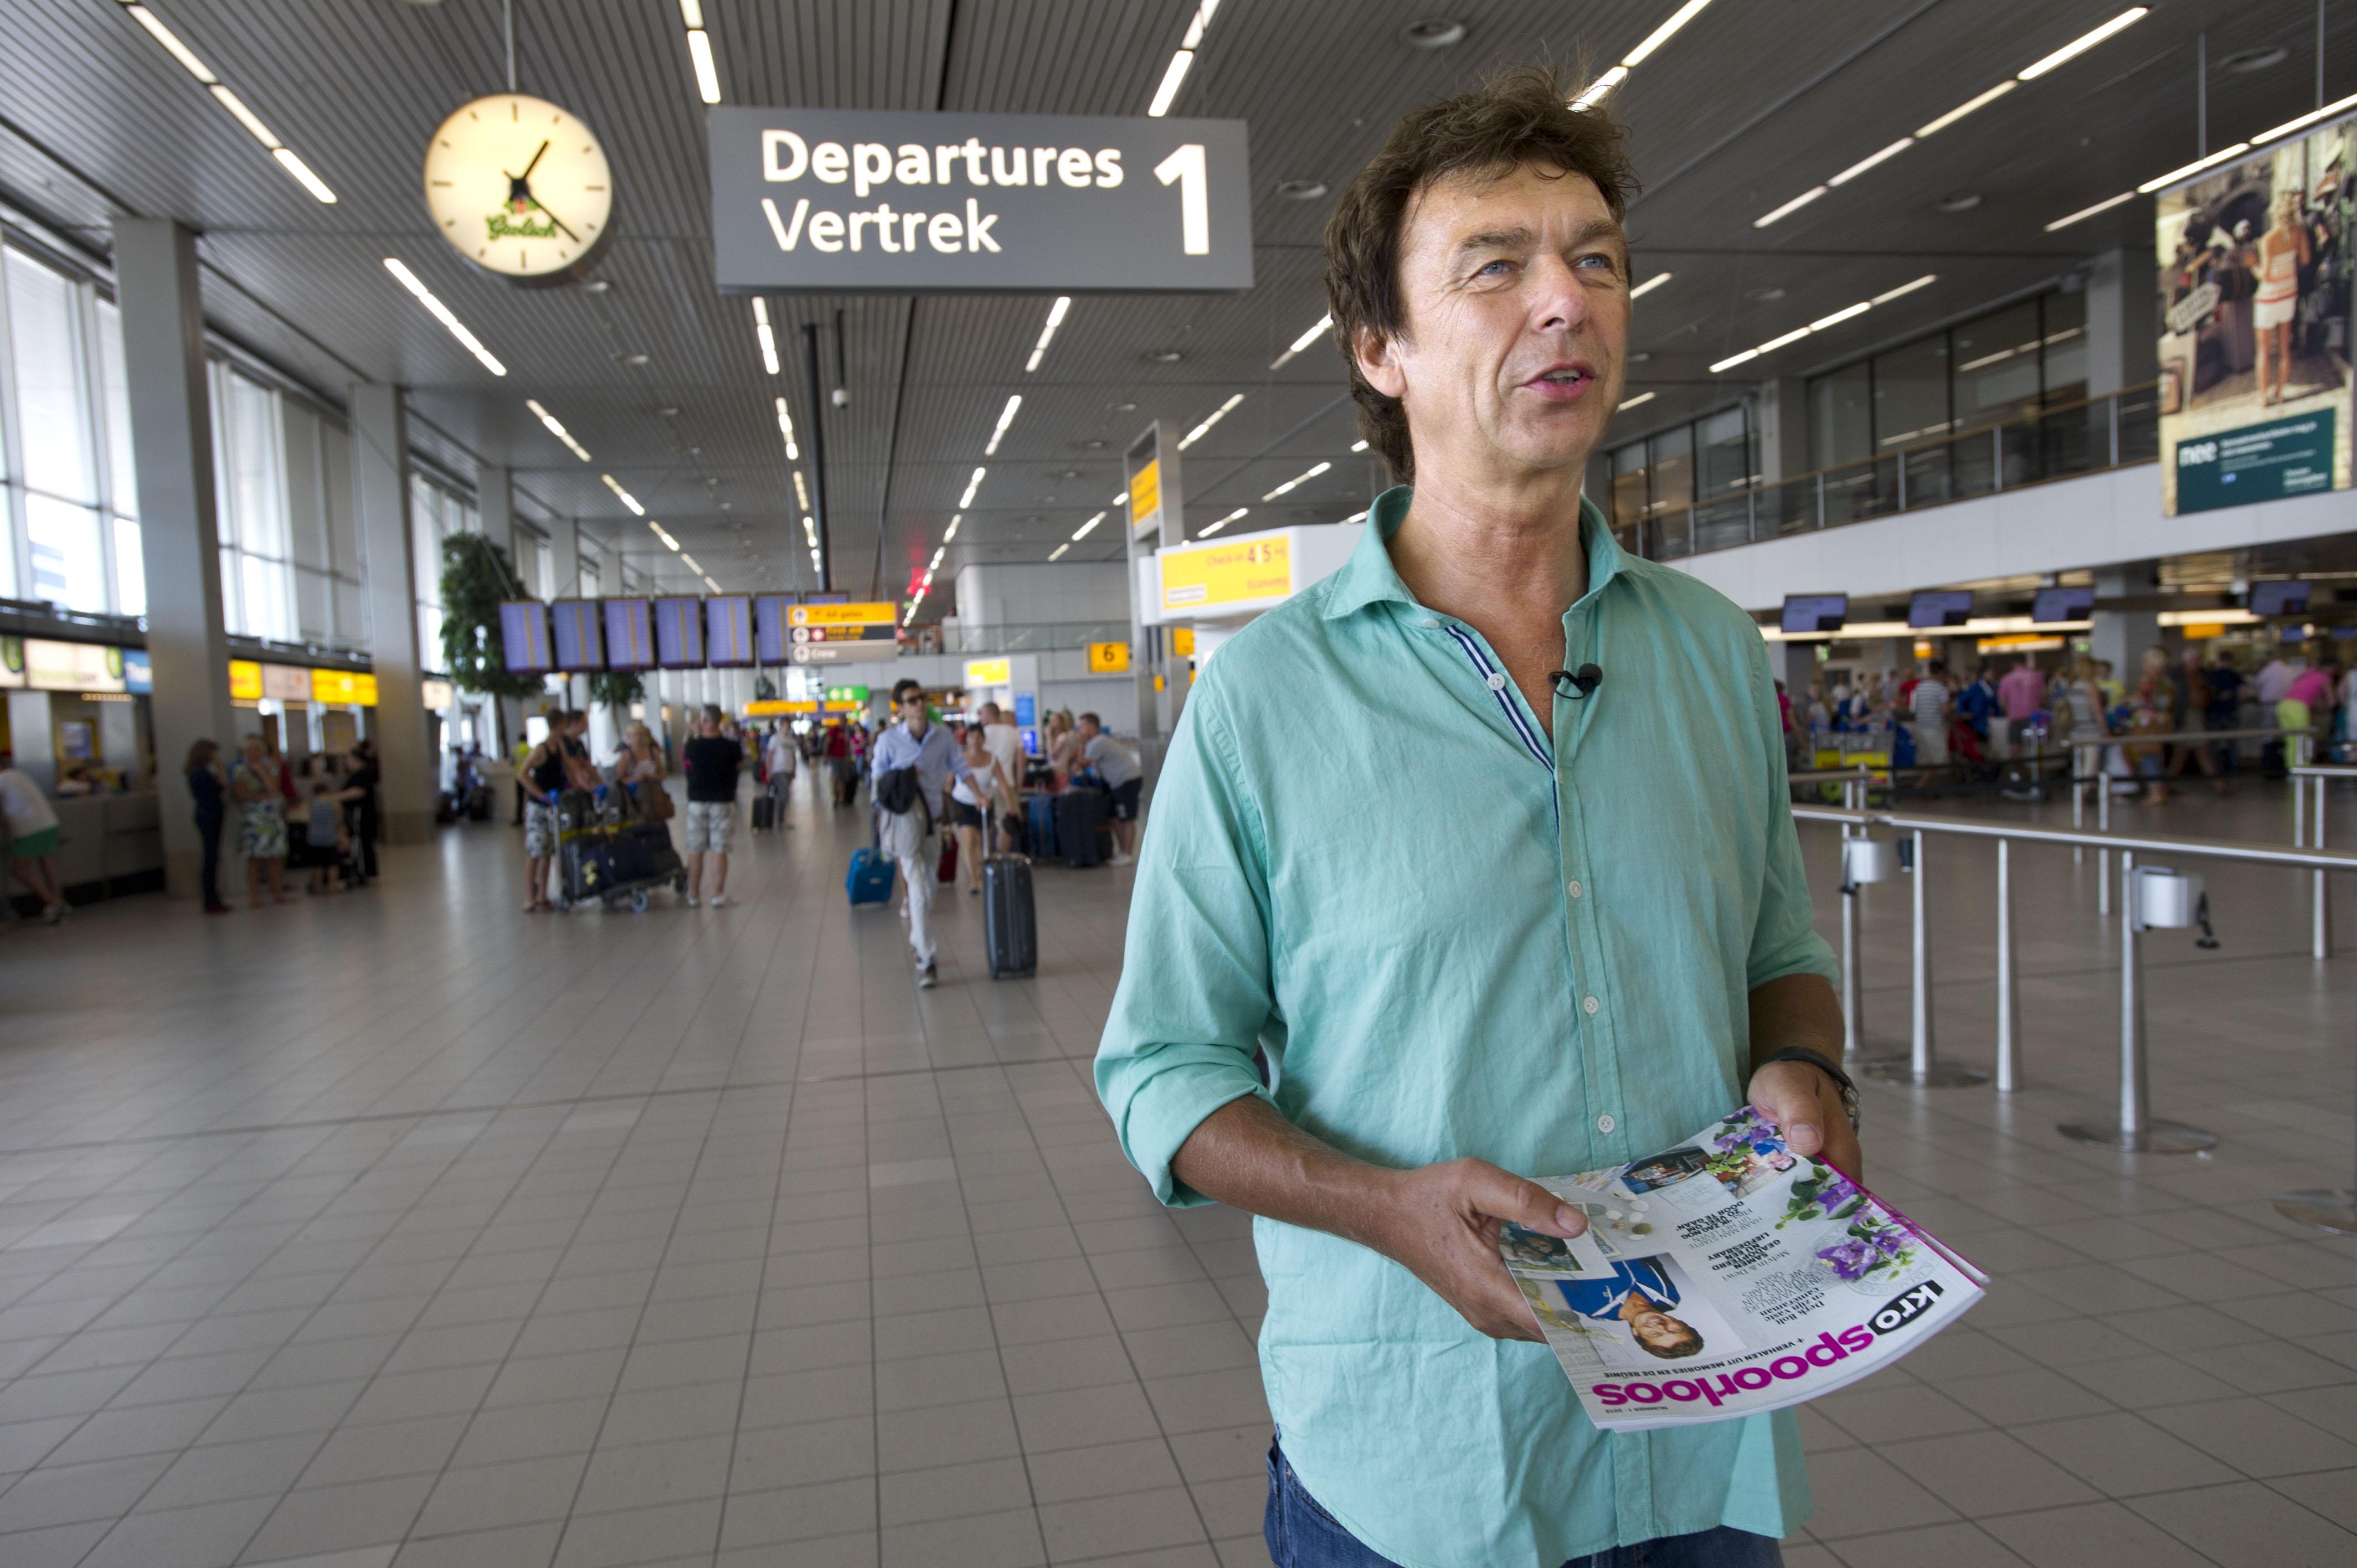 Horrorscenario van de ontvoerde Derk Bolt en cameraman nog steeds niet ten einde